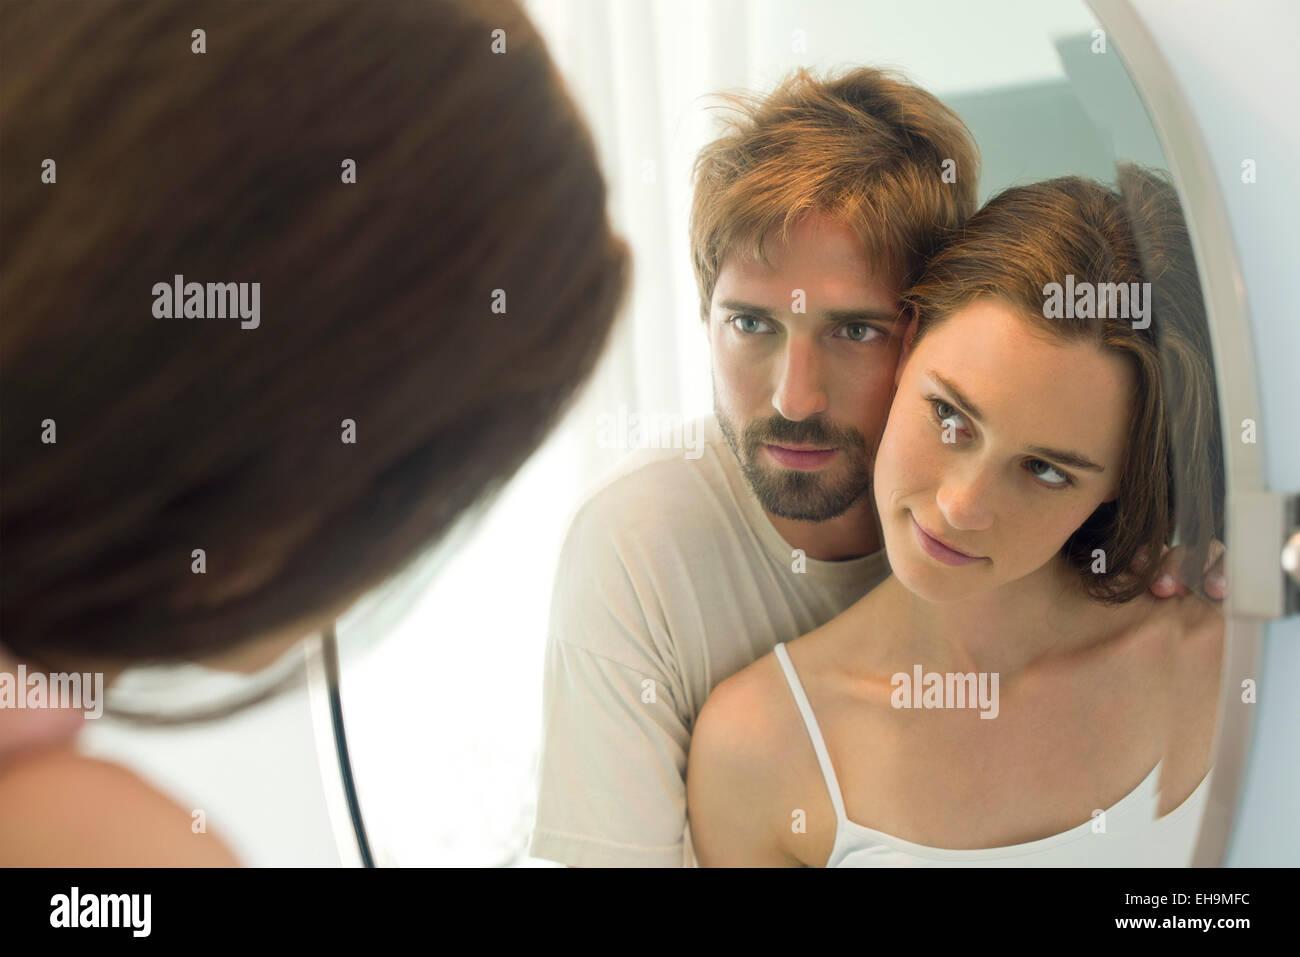 Giovane guancia a guancia, guardando ogni altro in specchio Immagini Stock